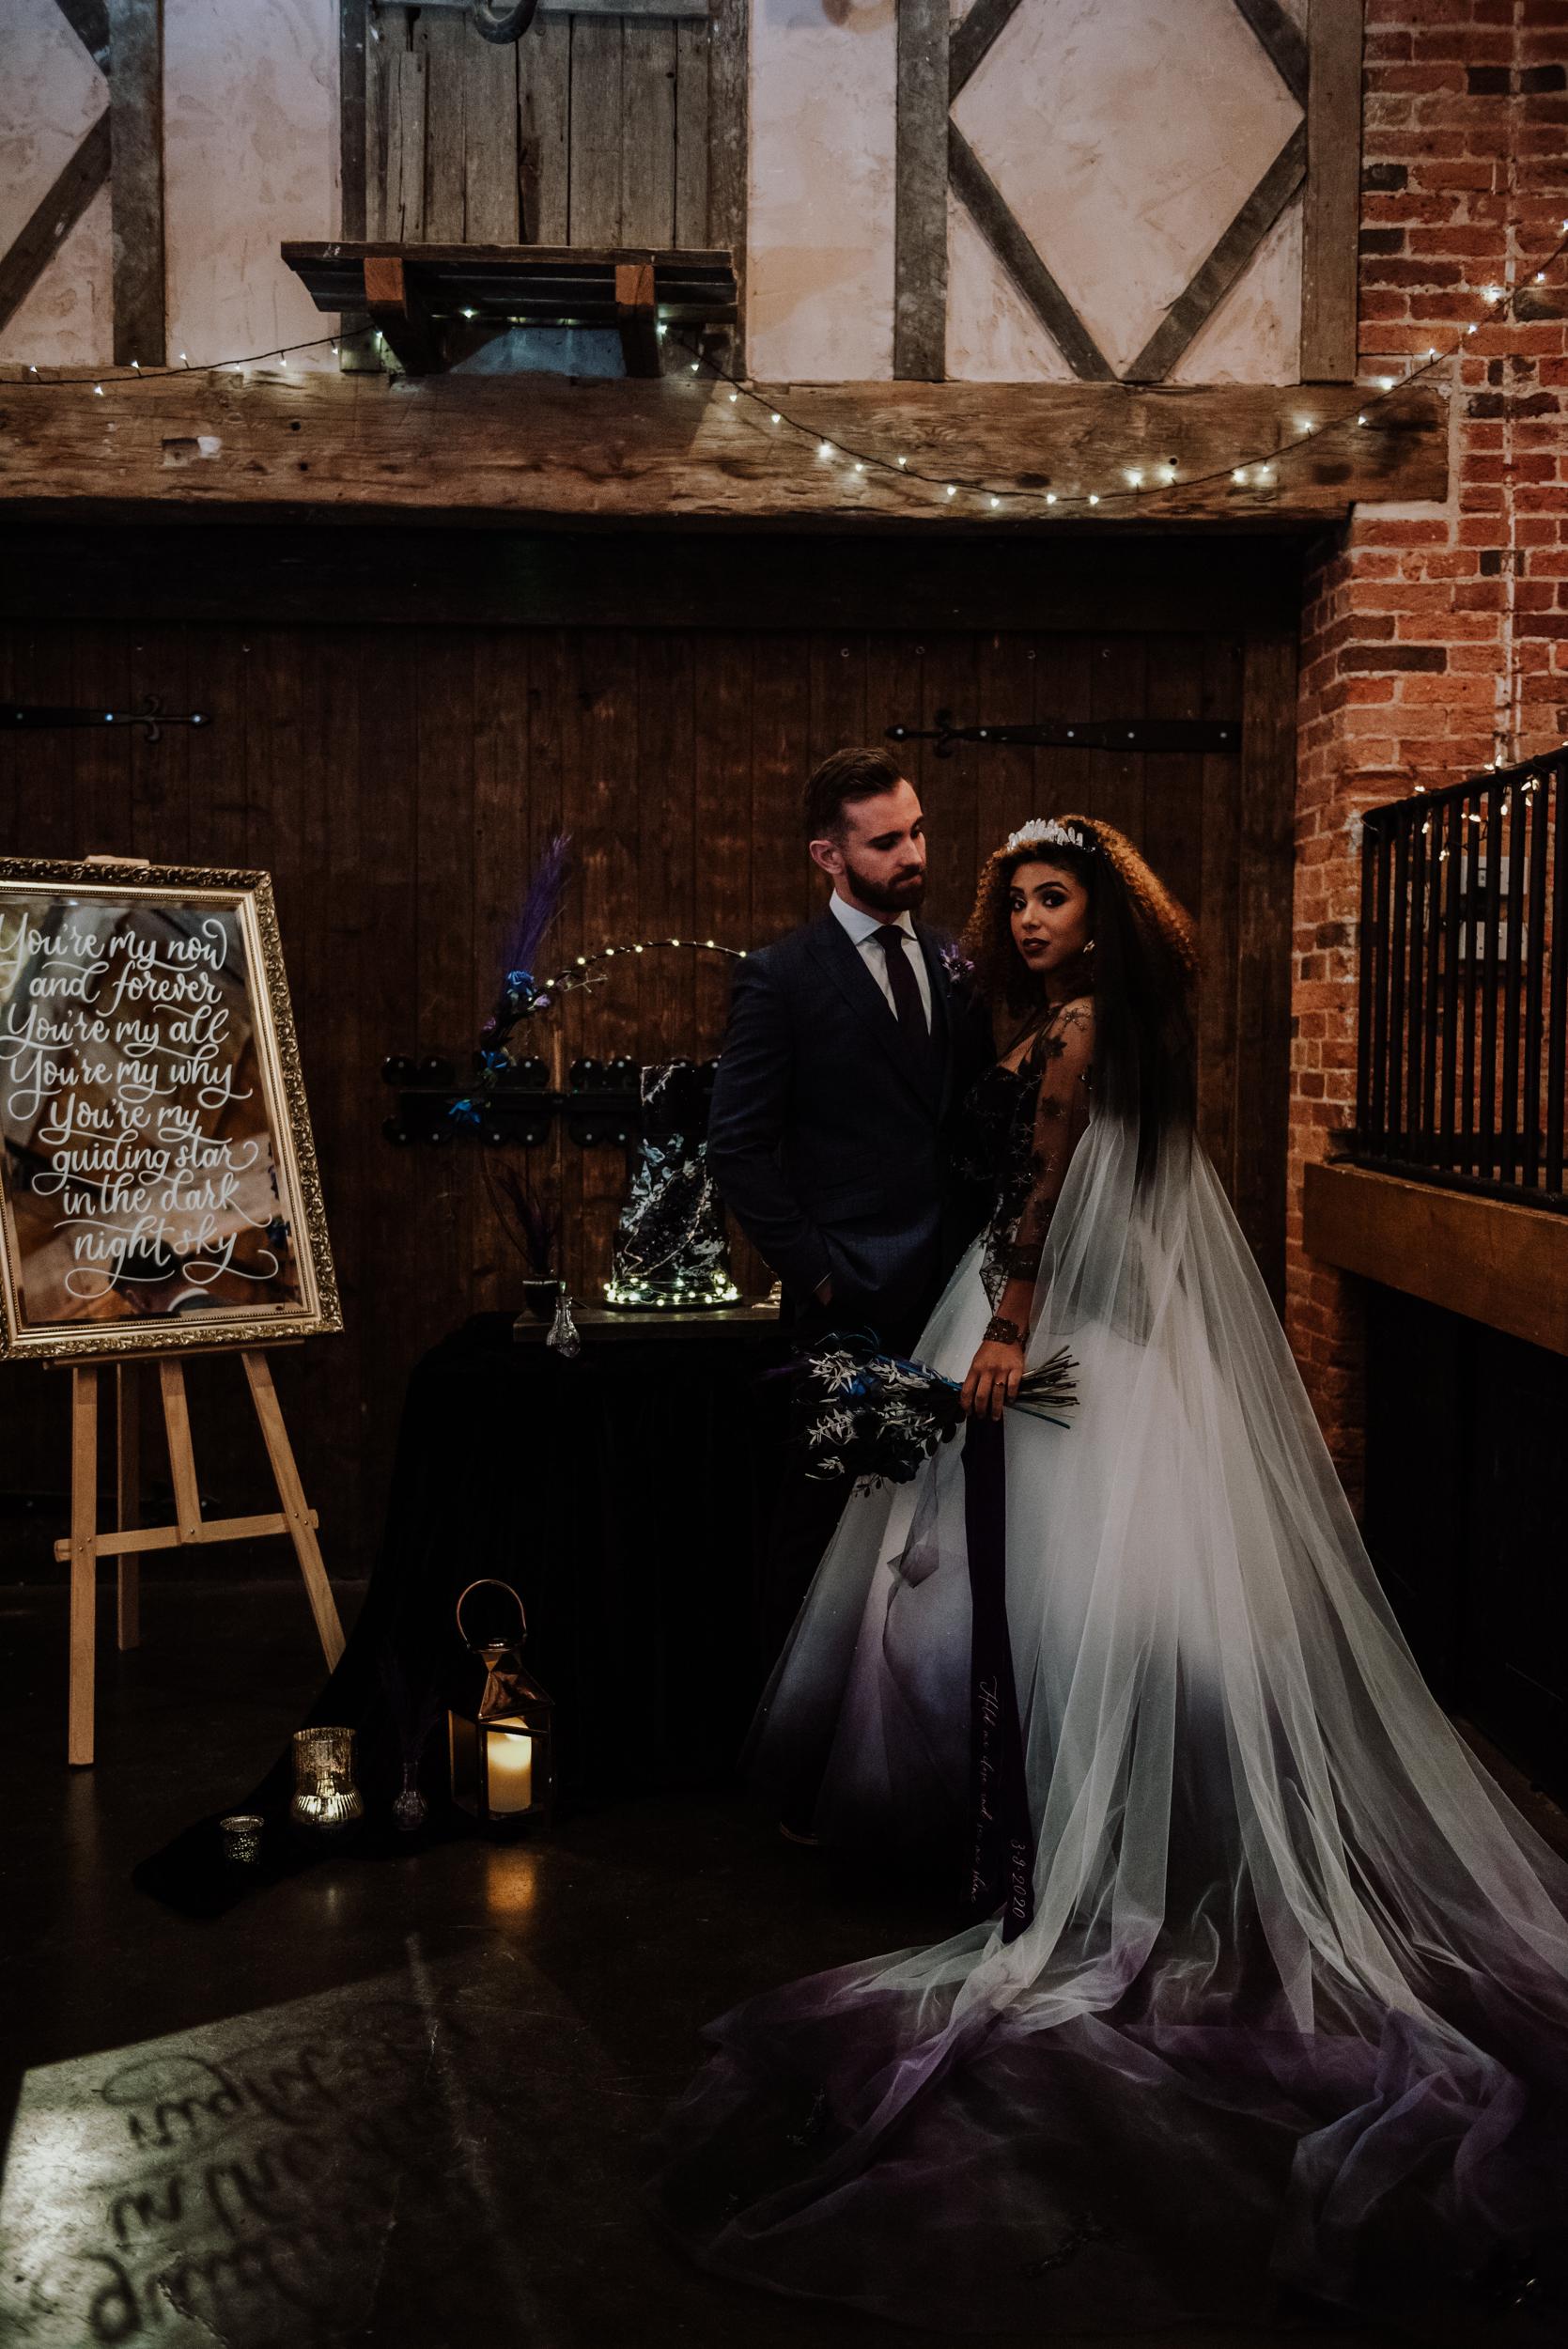 luxury galaxy wedding - alternative wedding - ombre wedding dress - edgy wedding ideas - celestial wedding